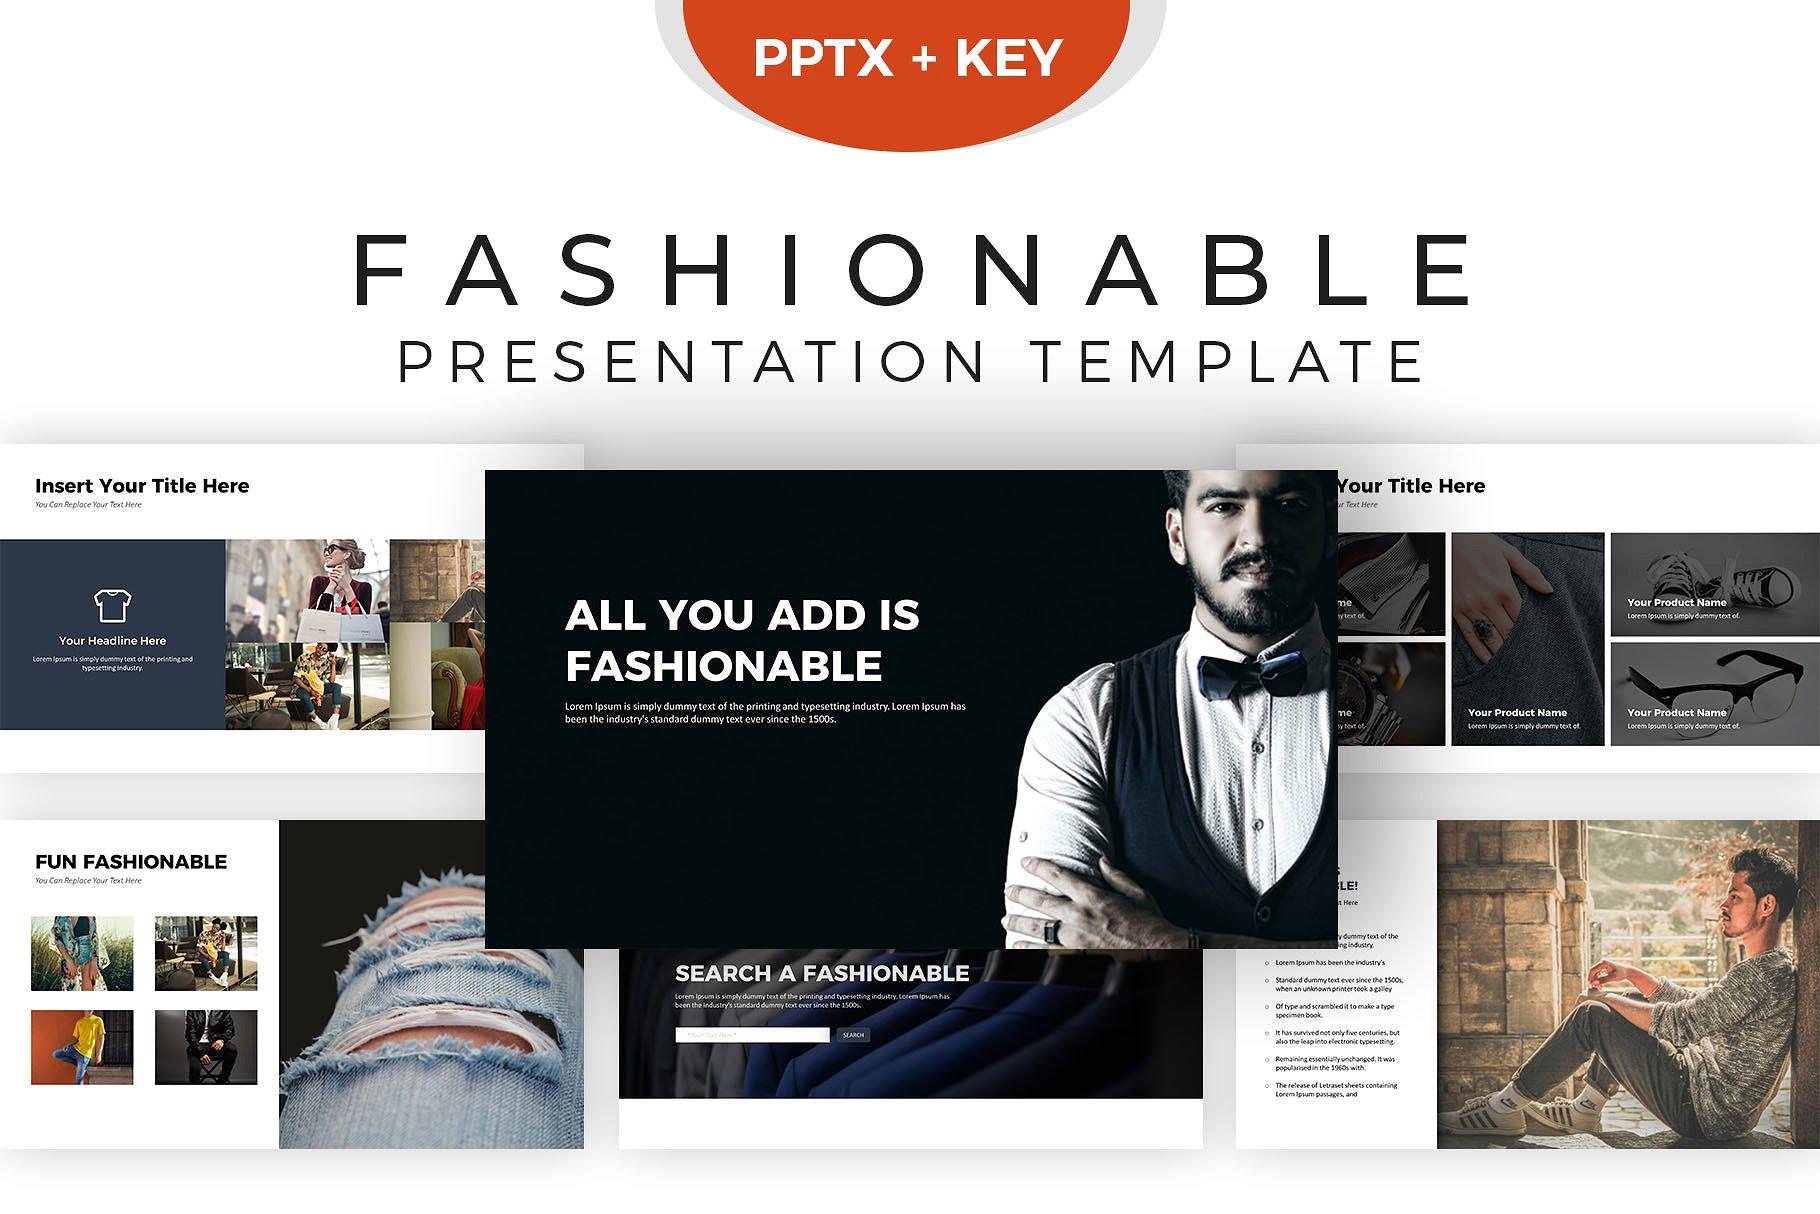 现代时尚演示的幻灯片模板下载 Fashionable Presentation Template [keypptx]设计素材模板